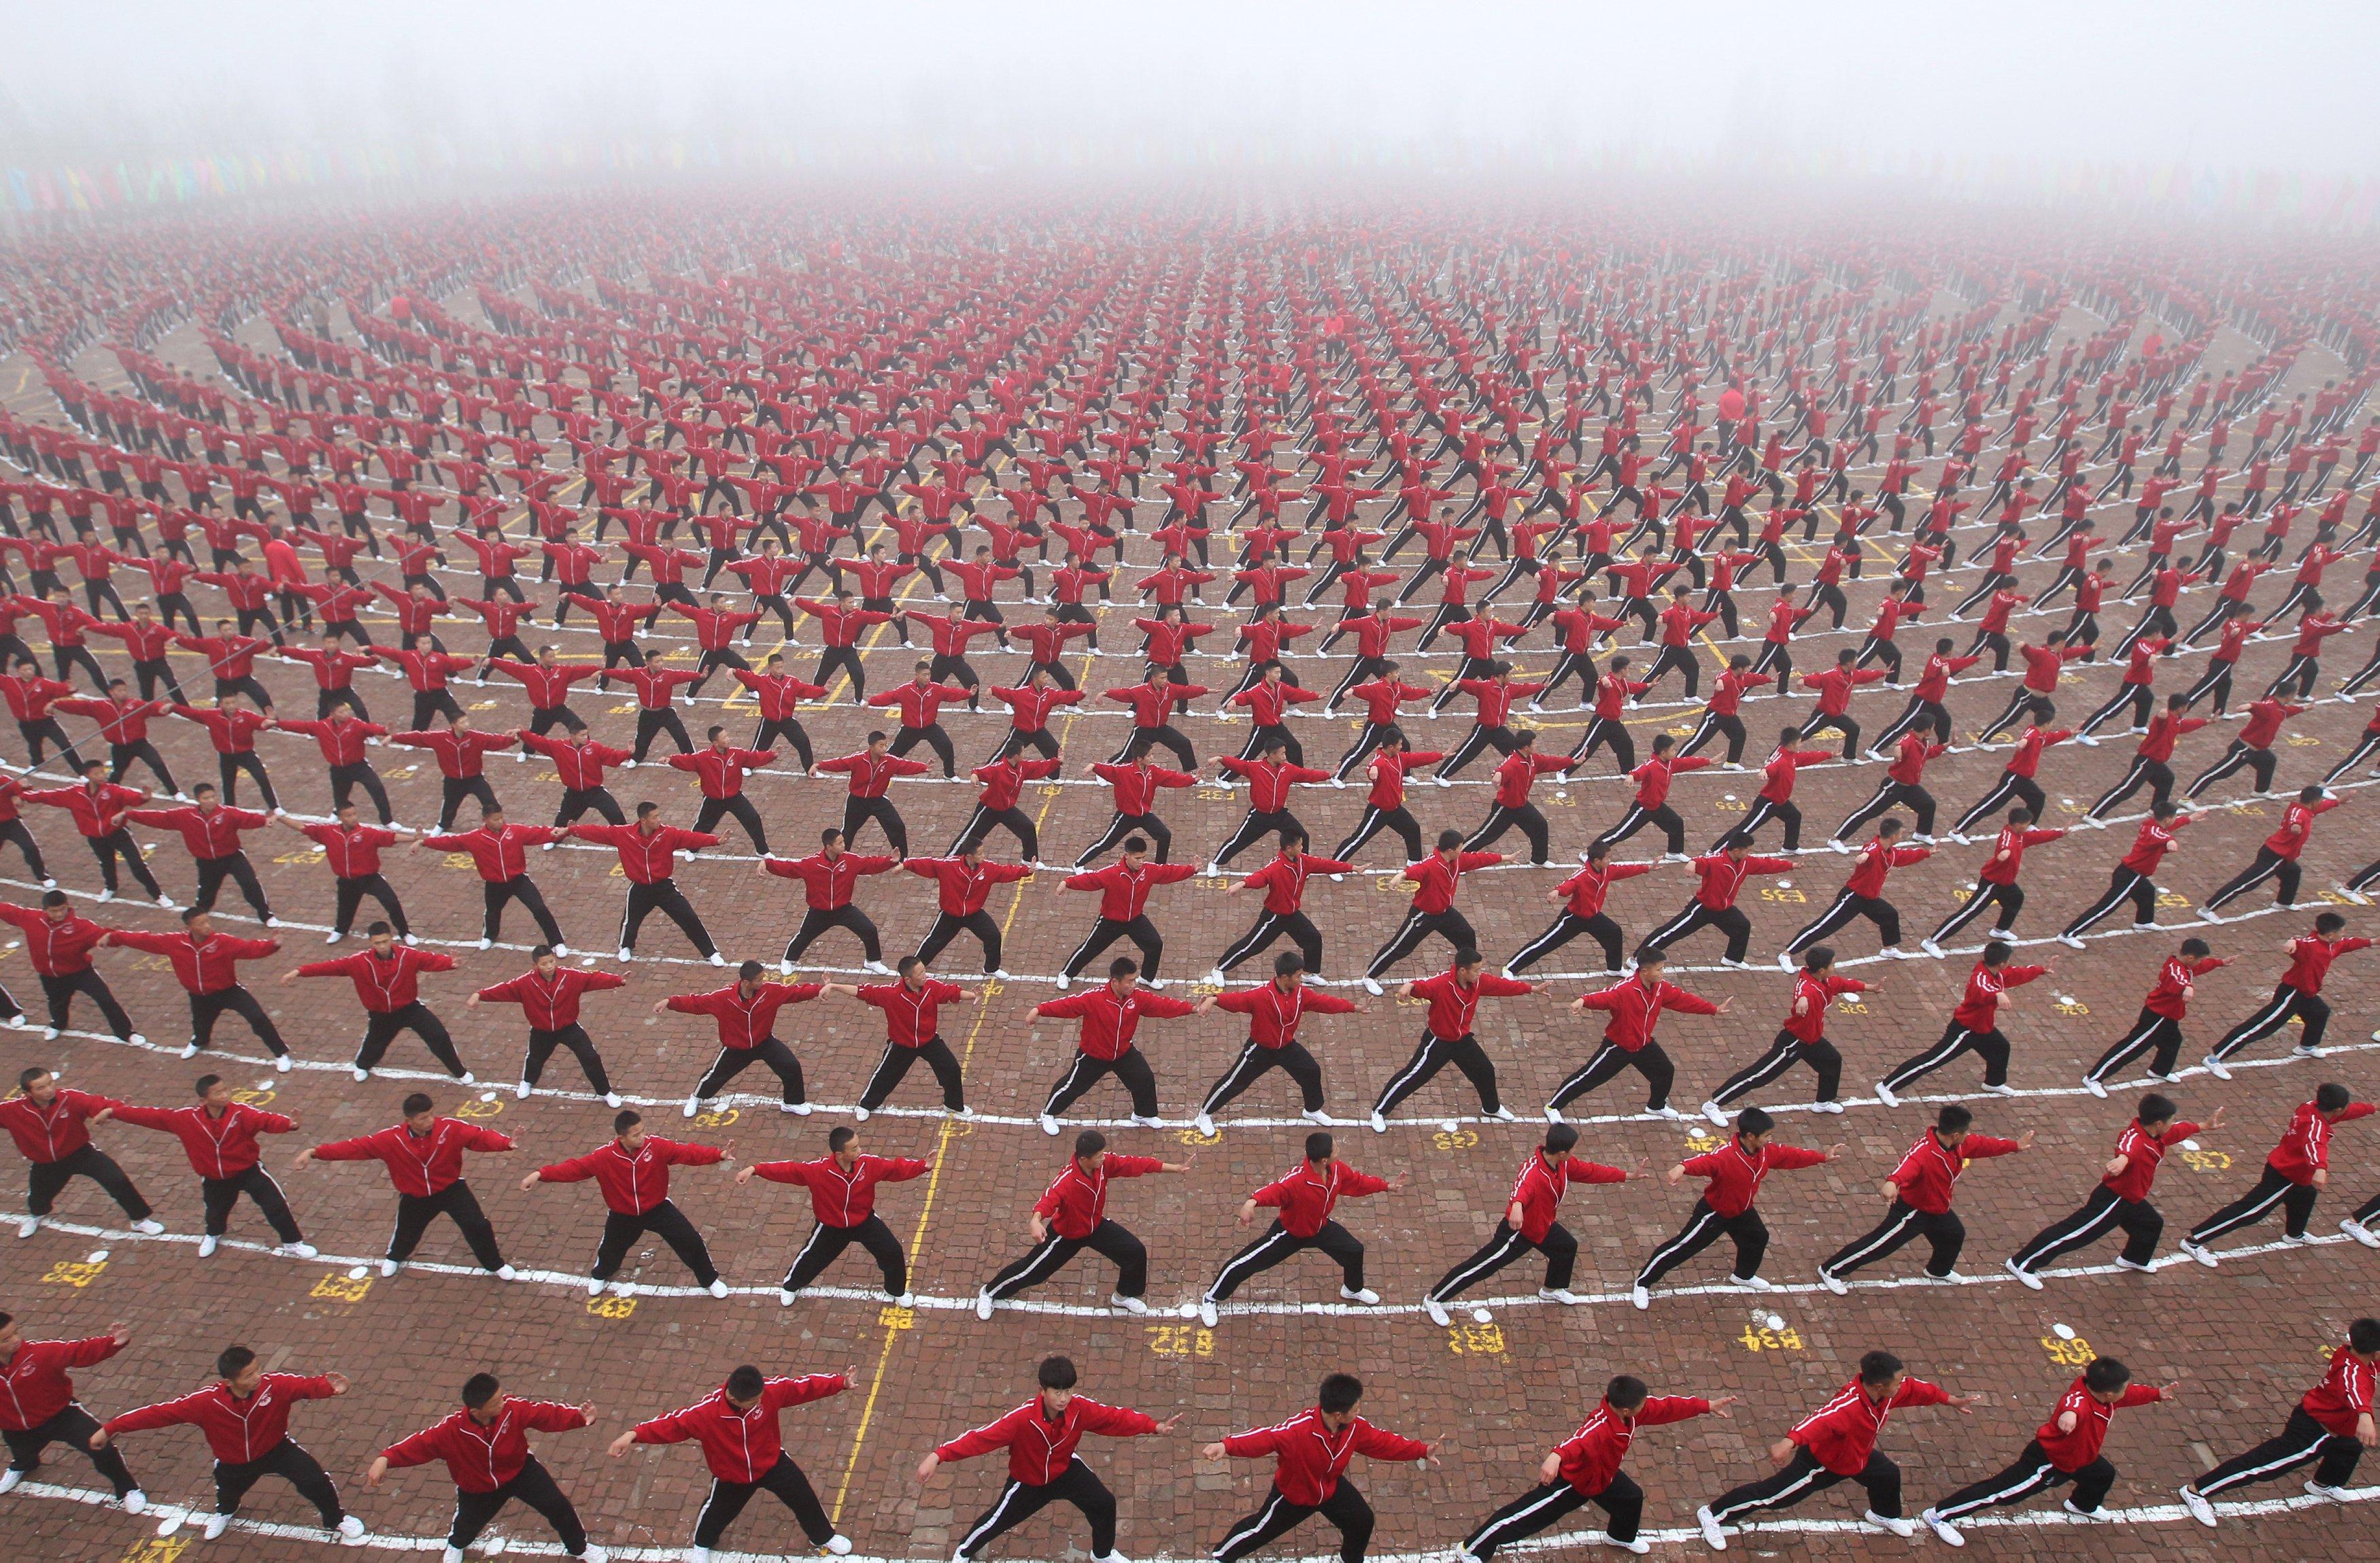 Ribuan siswa berbaris rapi saat upacara terbentuknya tim sepakbola sekolah seni beladiri Shaolin Tagou di Dangfeng, provinsi Henan, Selasa (10/11). Gambar diambli Selasa (10/11). ANTARA FOTO/REUTERS/China Daily.